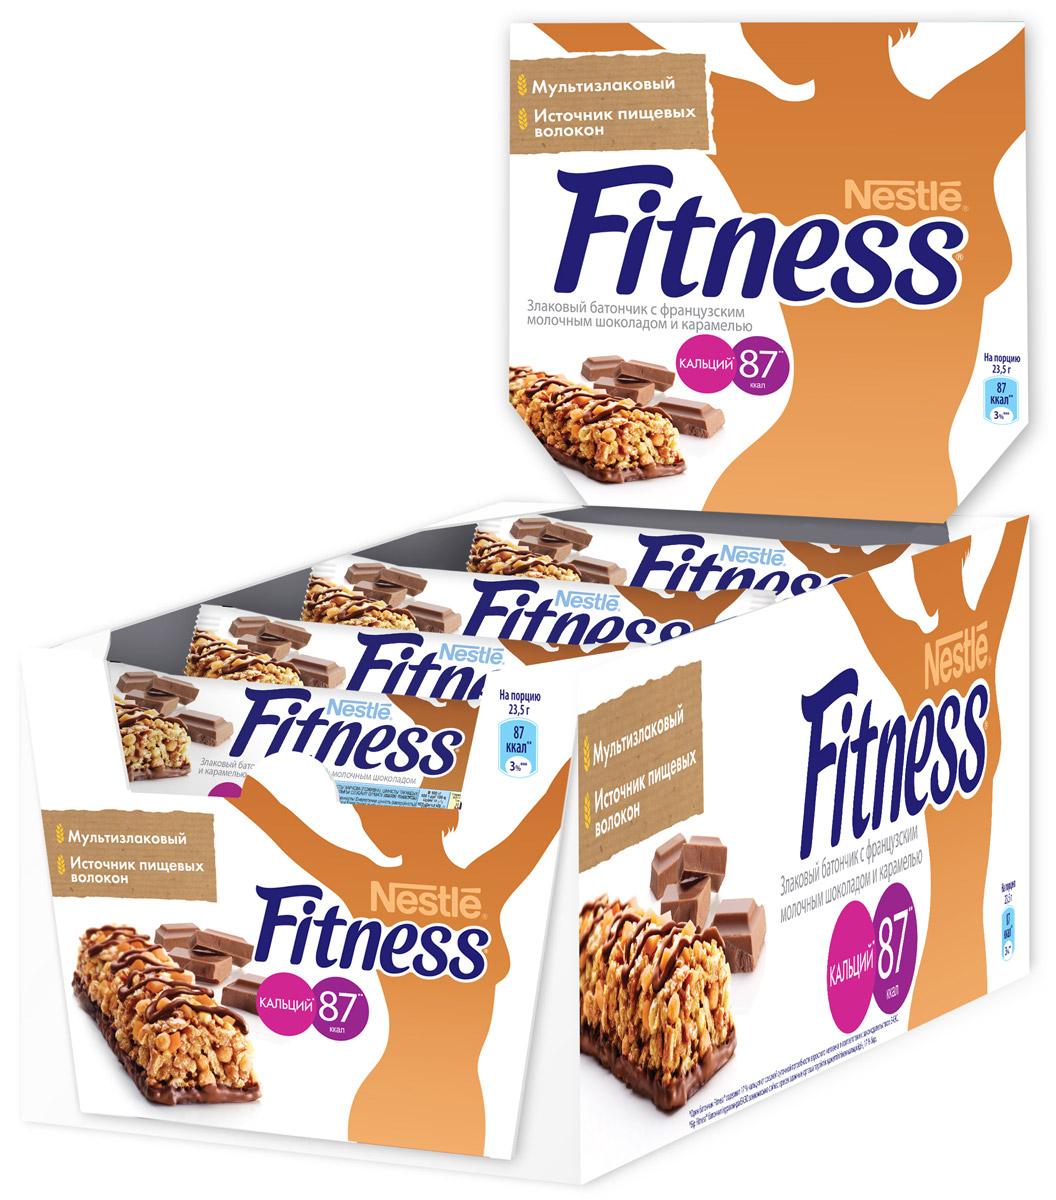 Nestle Fitness Злаковый батончик с французским молочным шоколадом и карамелью, 24 шт по 23,5 г5900020028587Батончик Nestle Fitness с карамелью - полезный перекус без вреда для вашей фигуры! Батончик Fitness содержит много клетчатки и мало жира. Клетчатка в цельных злаках регулирует пищеварение, способствуя поддержанию оптимального веса тела (при условии сбалансированного питания и регулярных физических активностей). Сложные углеводы перевариваются медленнее и позволяют сохранять чувство сытости дольше.